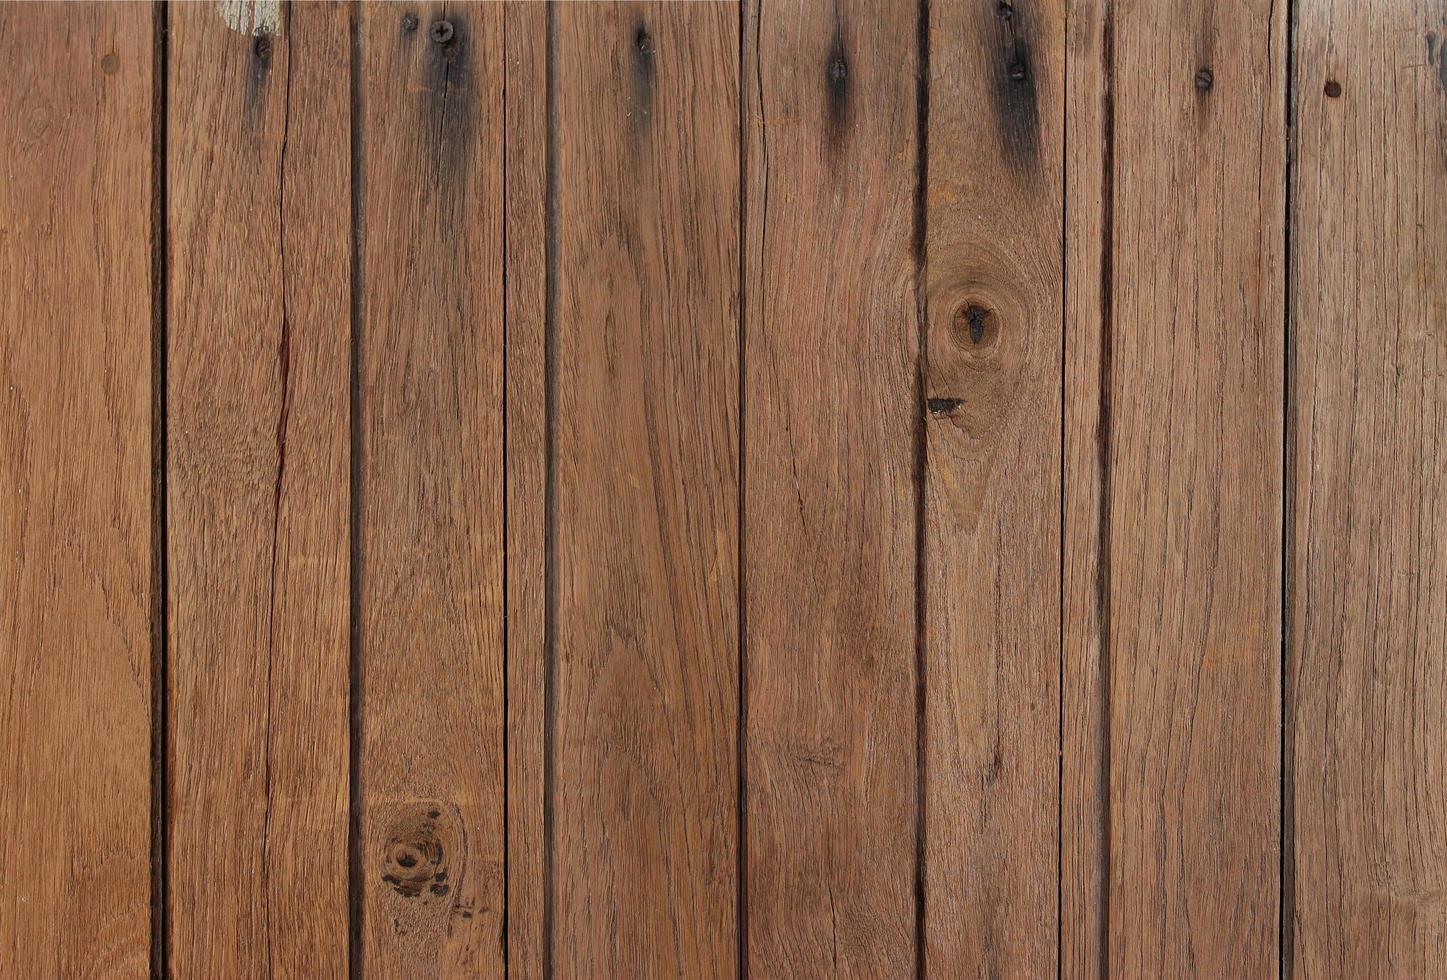 struttura della plancia di legno rustico foto